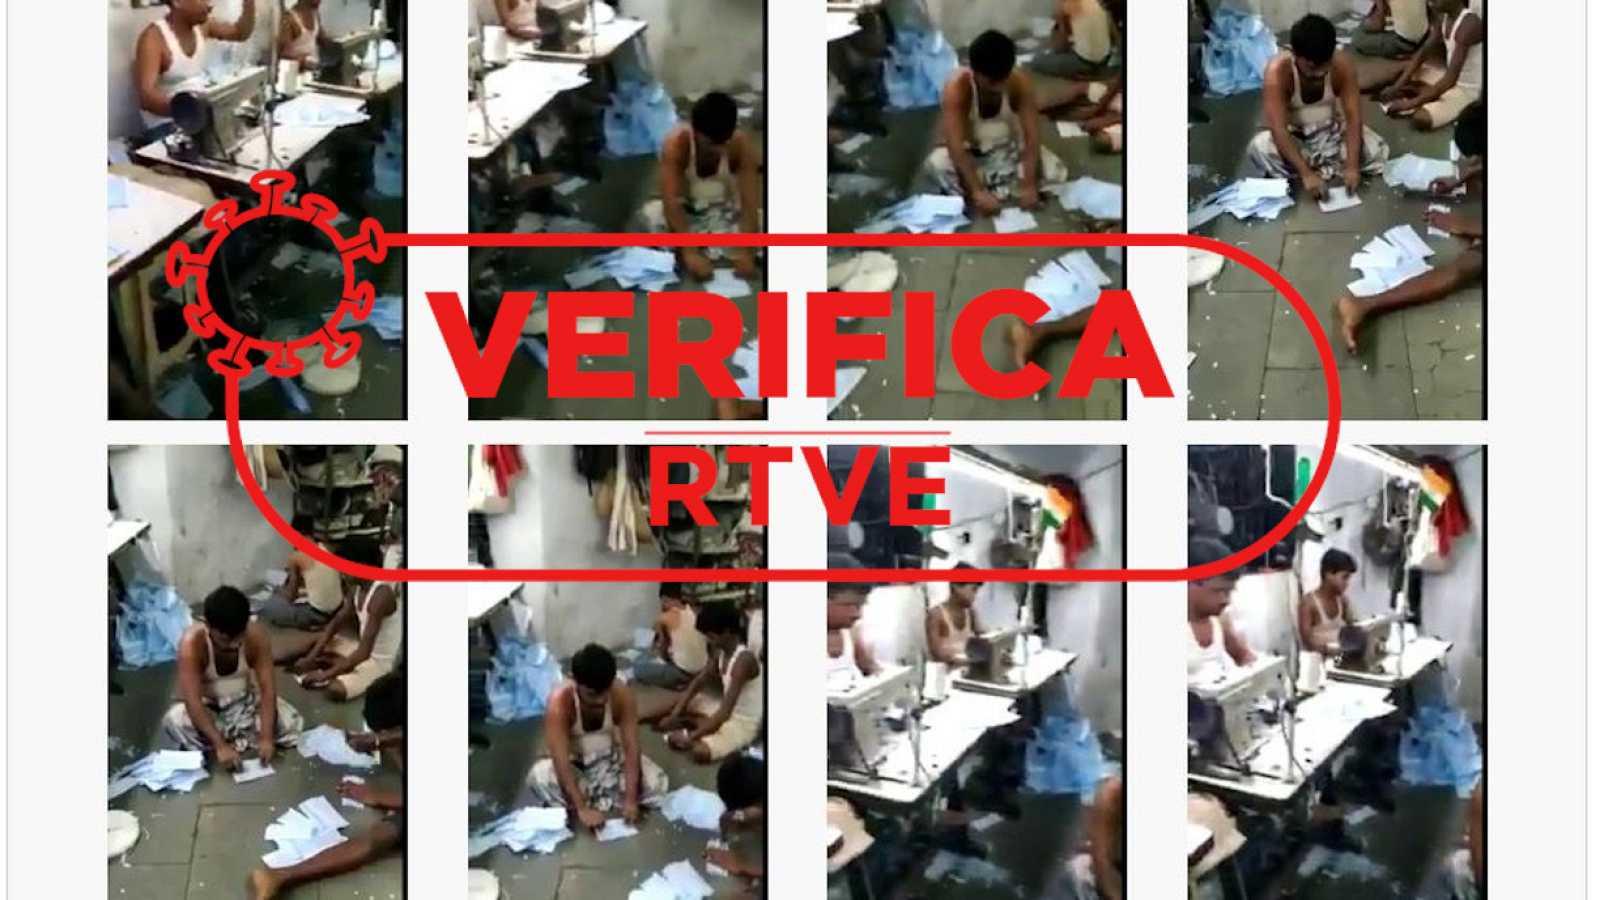 Captura de distintos fotogramas del vídeo viralizado con el sello de Verifica RTVE.